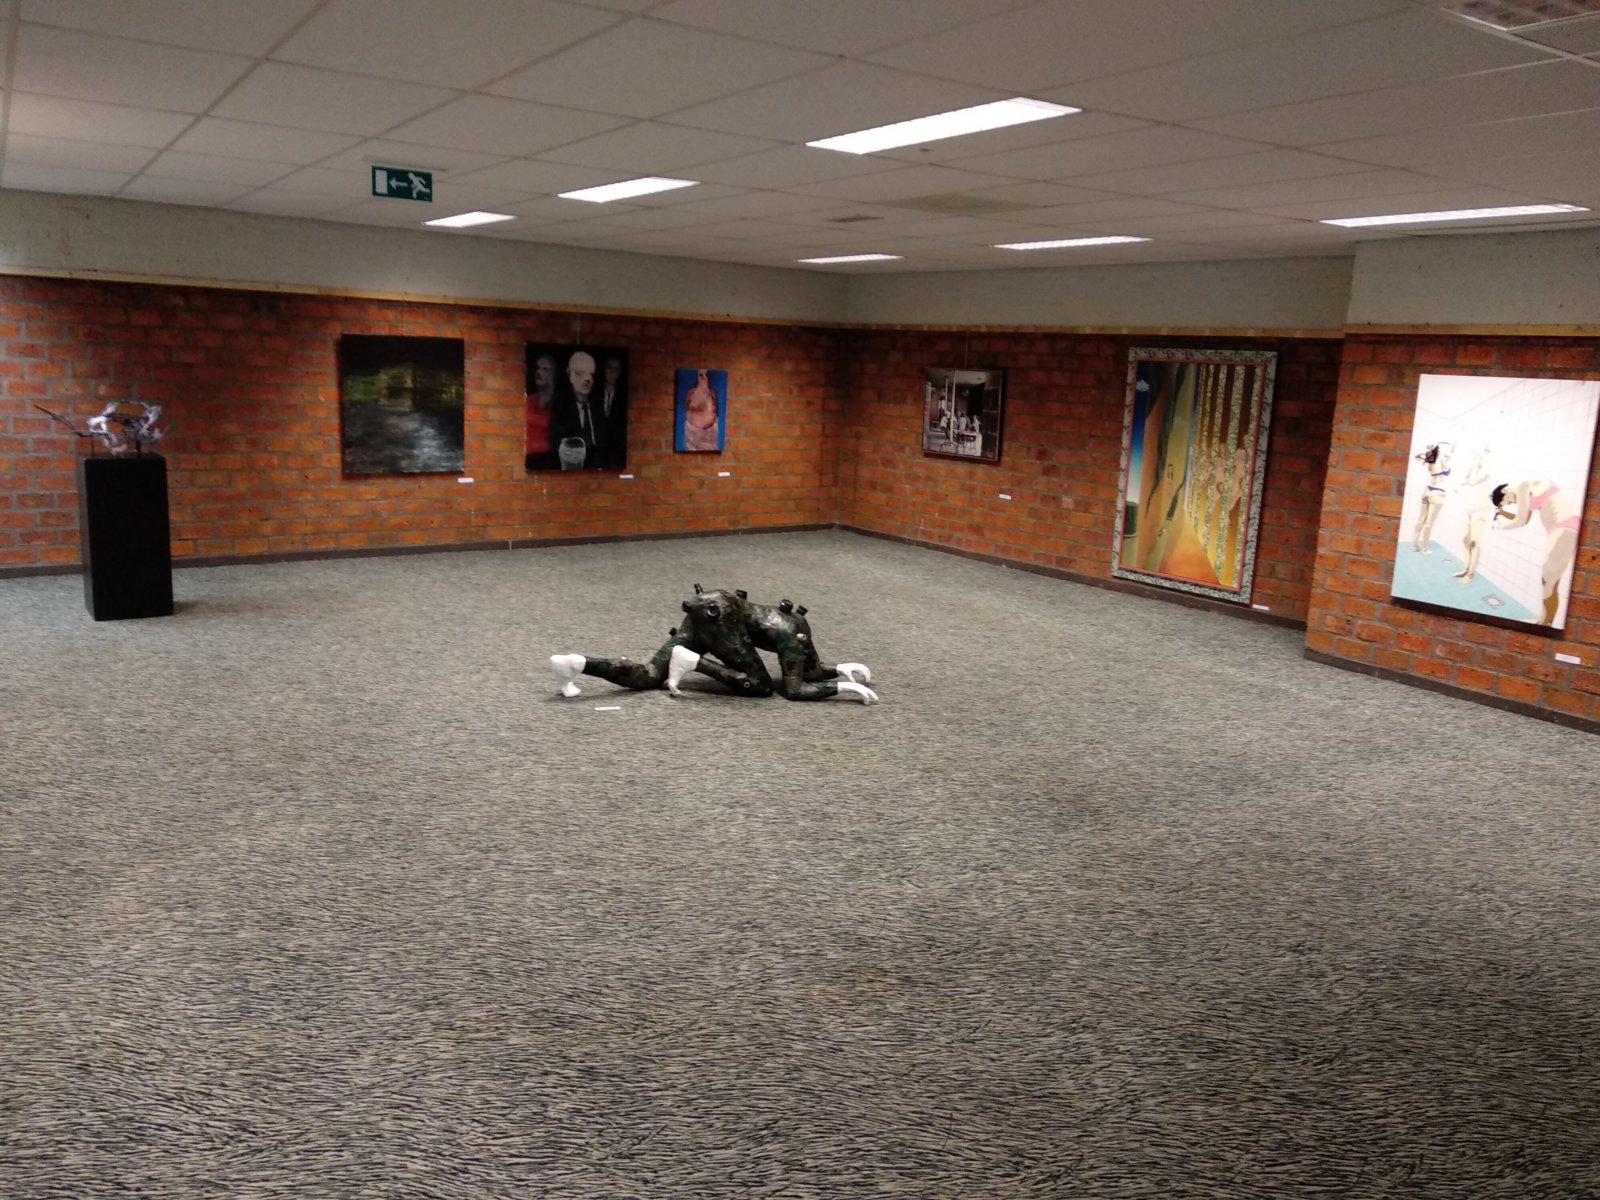 Sfeerimpressie Expositie Tijdgeest Nieuwe Ruimte Den Heuvel 32 Velp